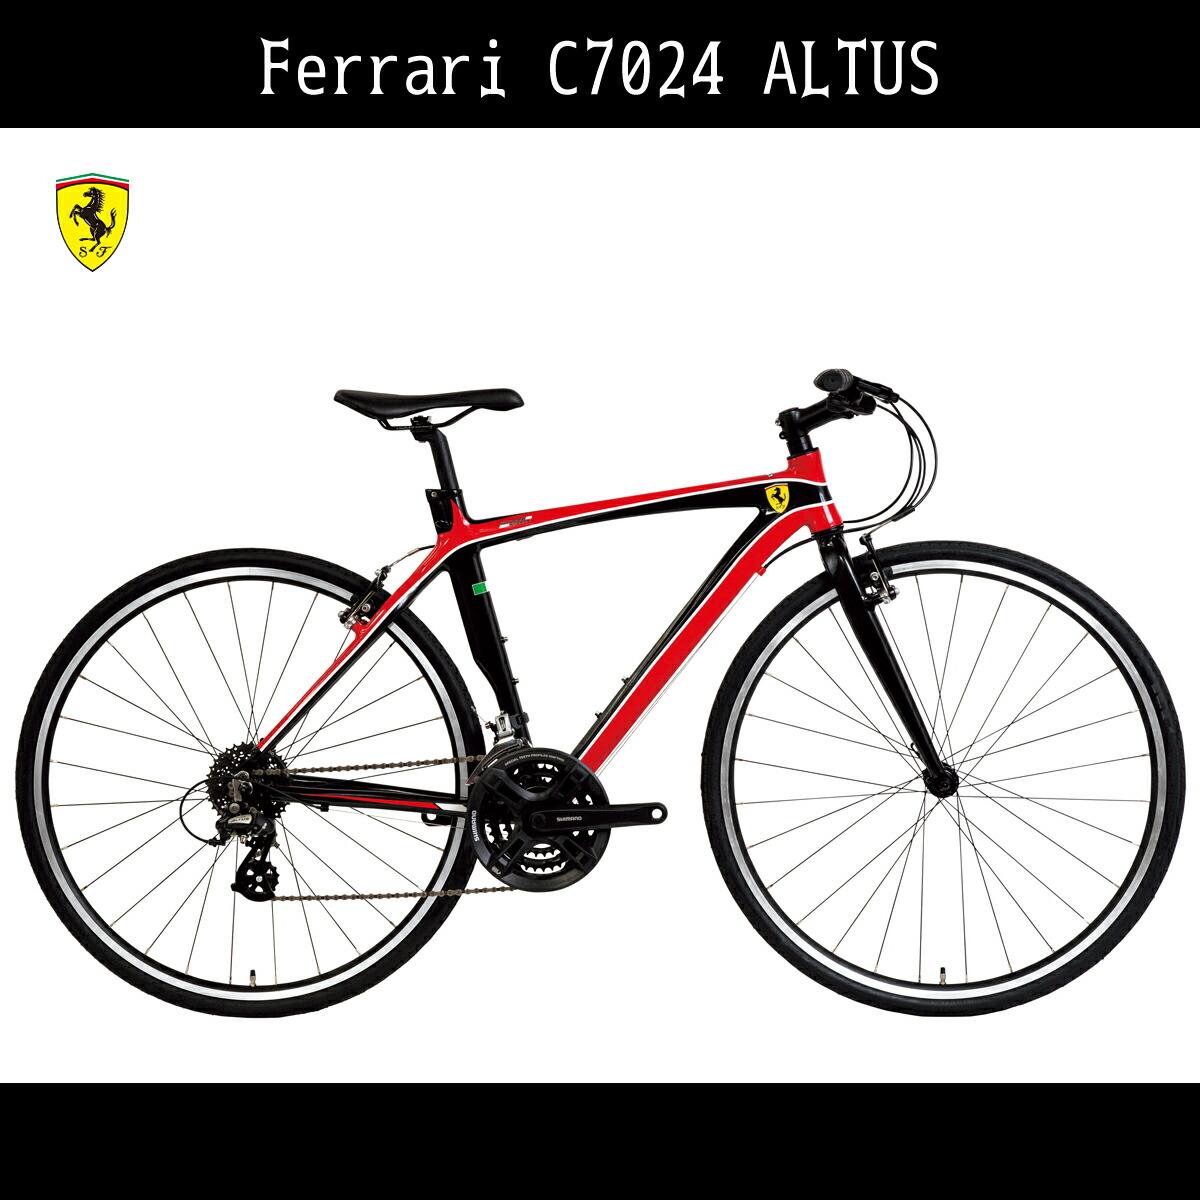 クロスバイクFerrari フェラーリ 自転車 レッド/赤700c 外装24段変速ギア 前後クイックレリーズハブ 自転車 フェラーリ クロスバイク C7024 ALTUS アルミニウム